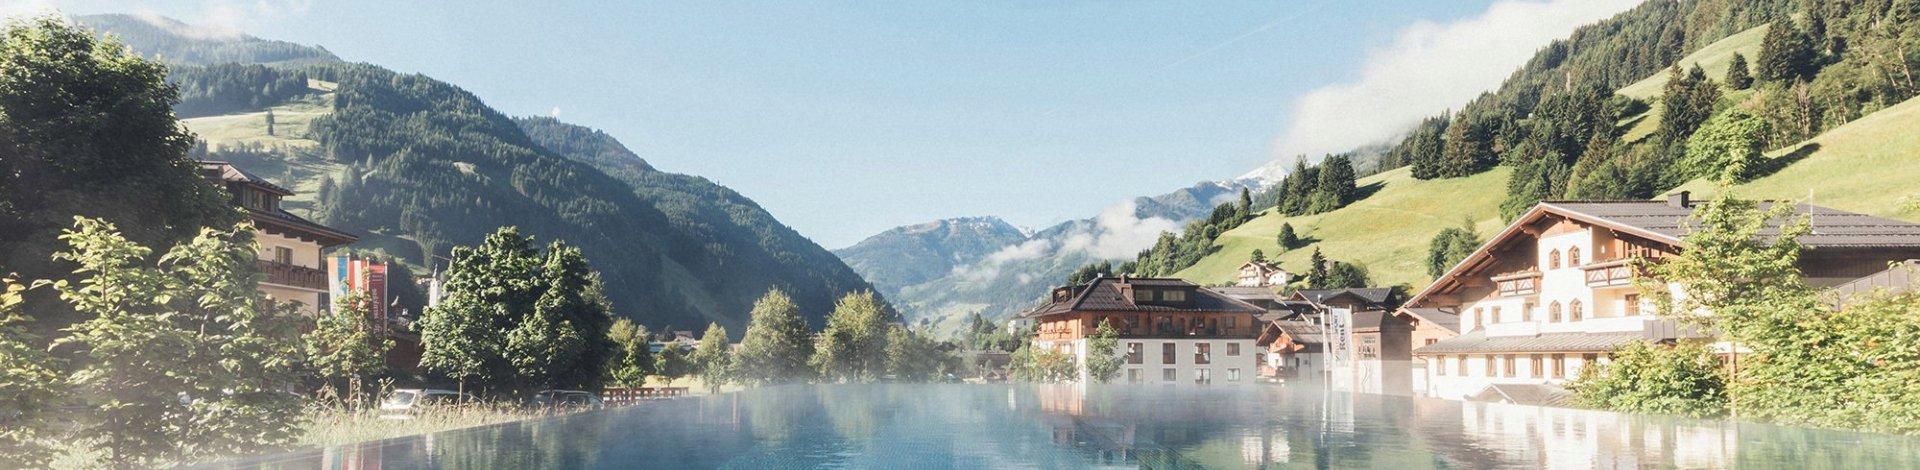 Wellnesshotels Österreich: Außenansicht vom Hotel Nesslerhof mit Pool und Blick in die Berge